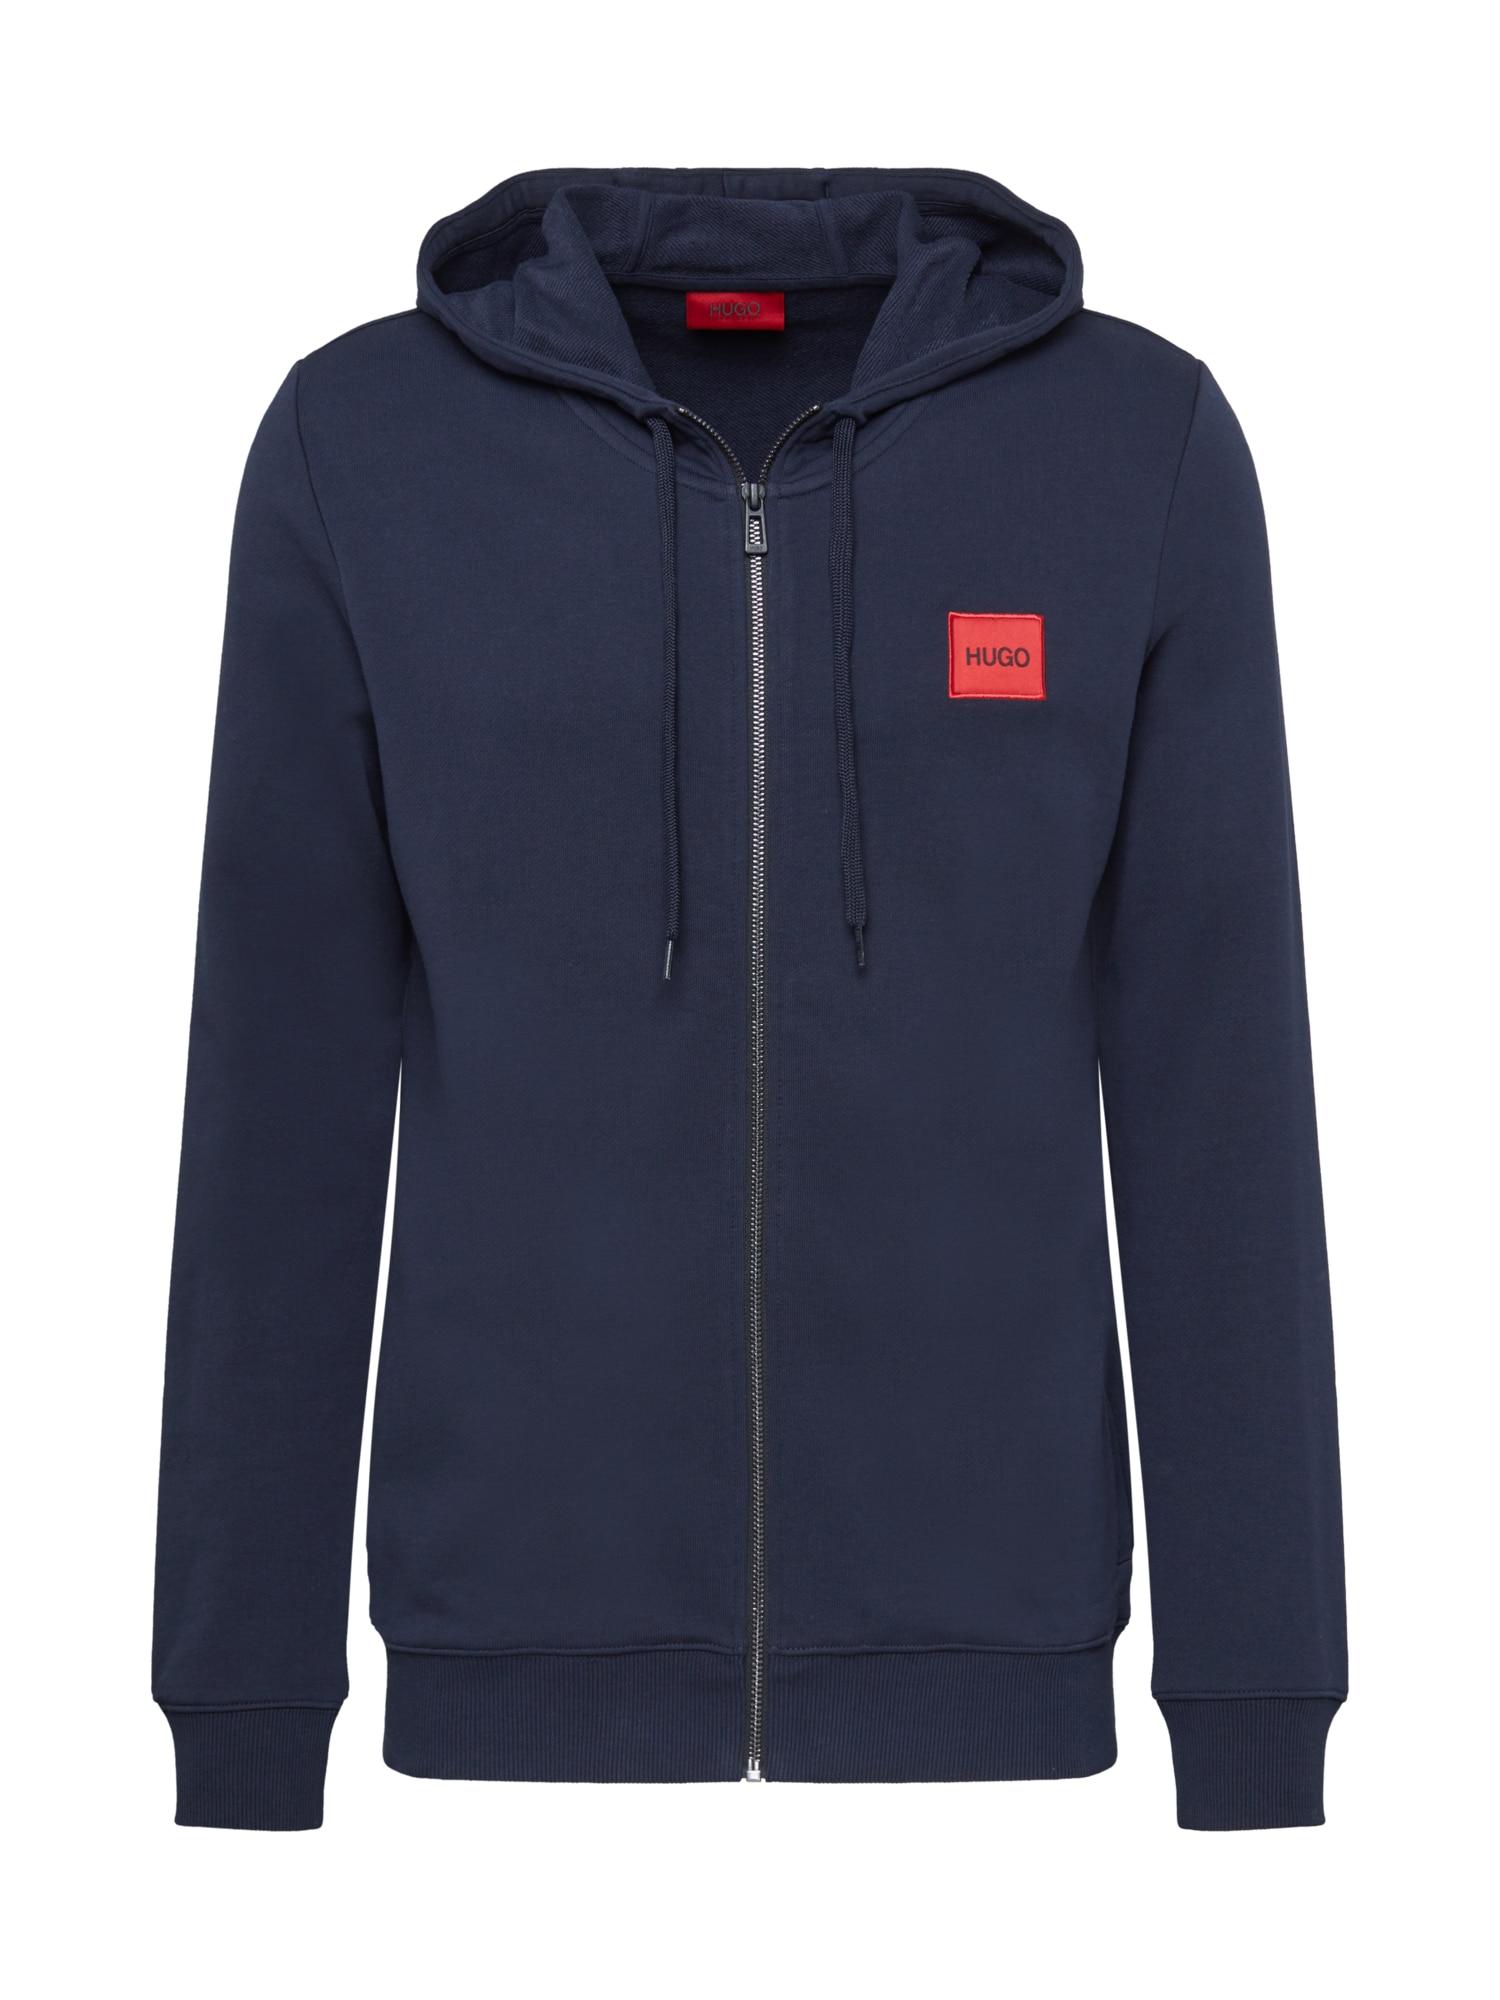 HUGO Mikina s kapucí 'Daple'  tmavě modrá / červená